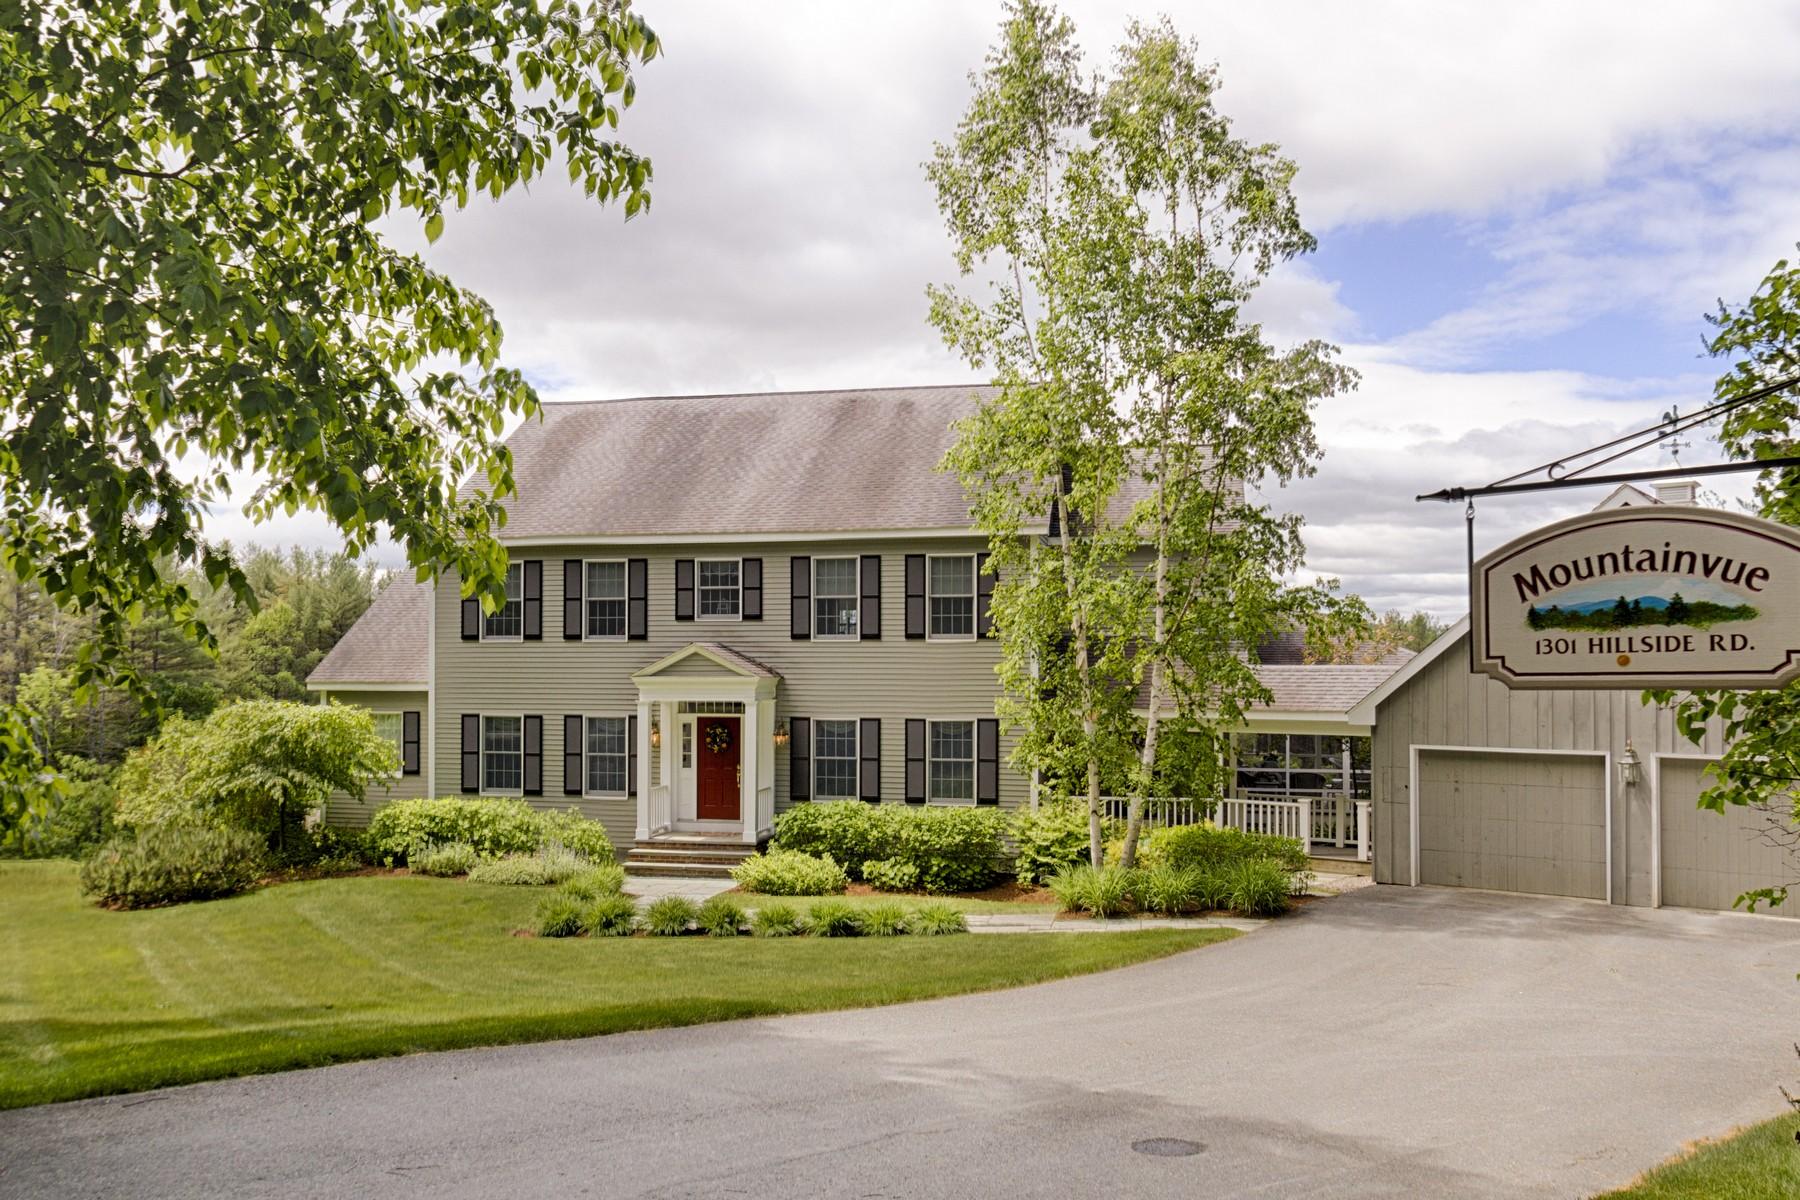 Nhà ở một gia đình vì Bán tại 1301 Hillside Road, Hartford 1301 Hillside Rd Hartford, Vermont, 05059 Hoa Kỳ